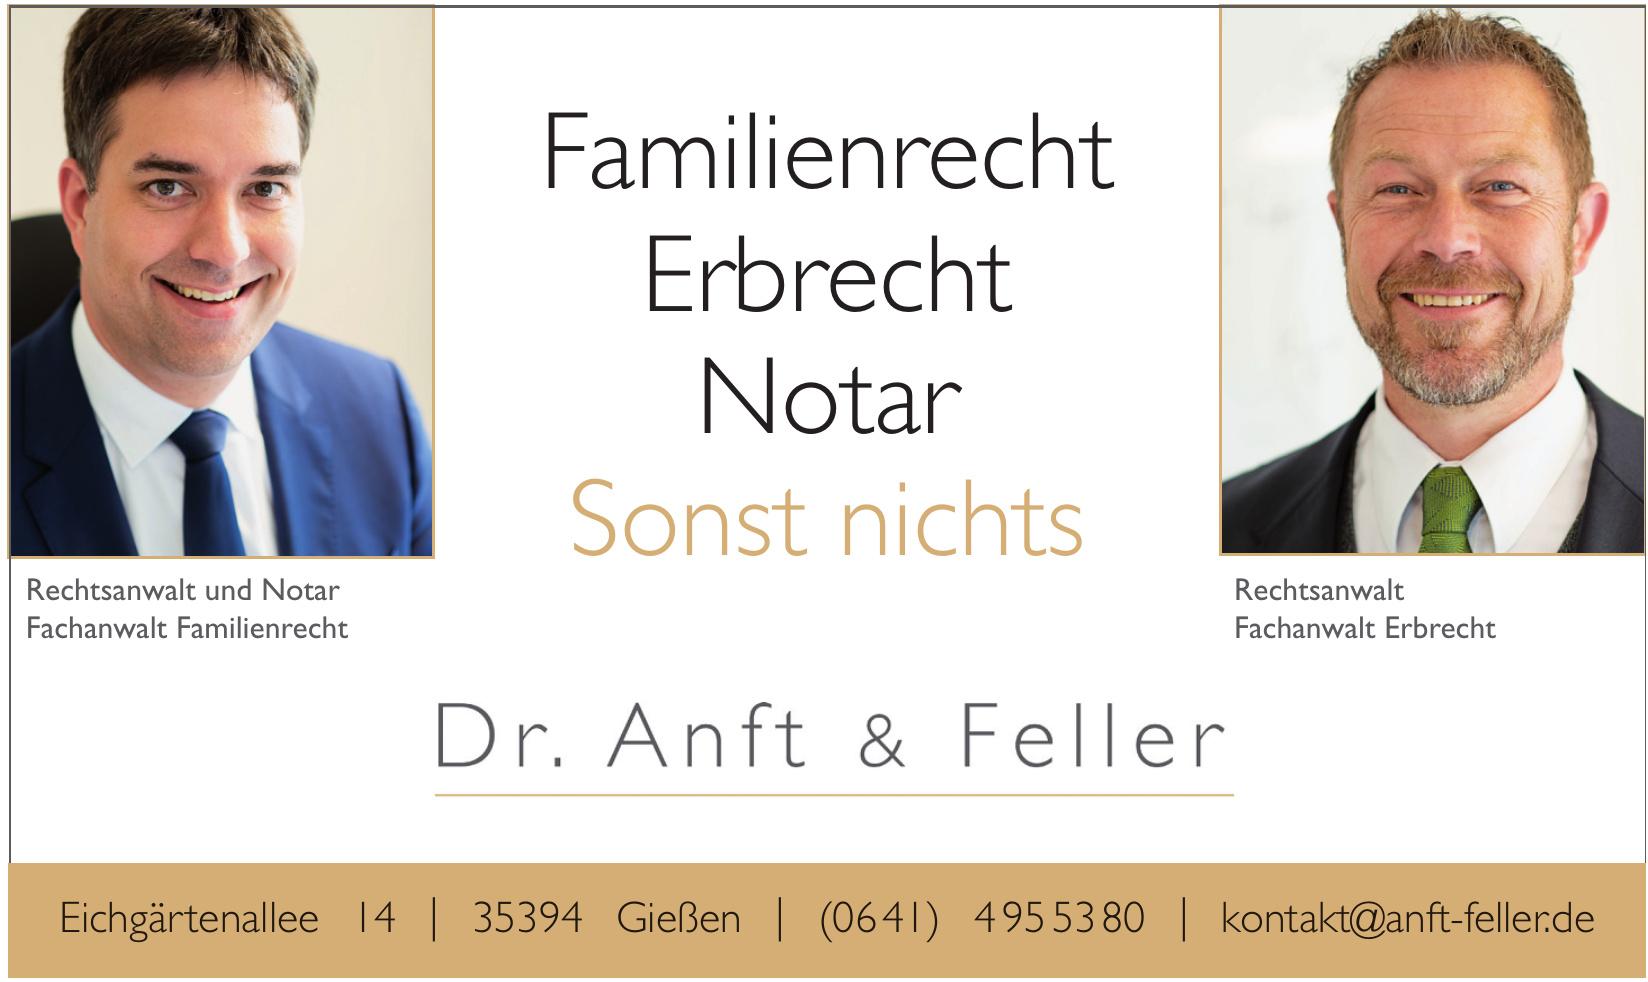 Dr. Anft & Feller